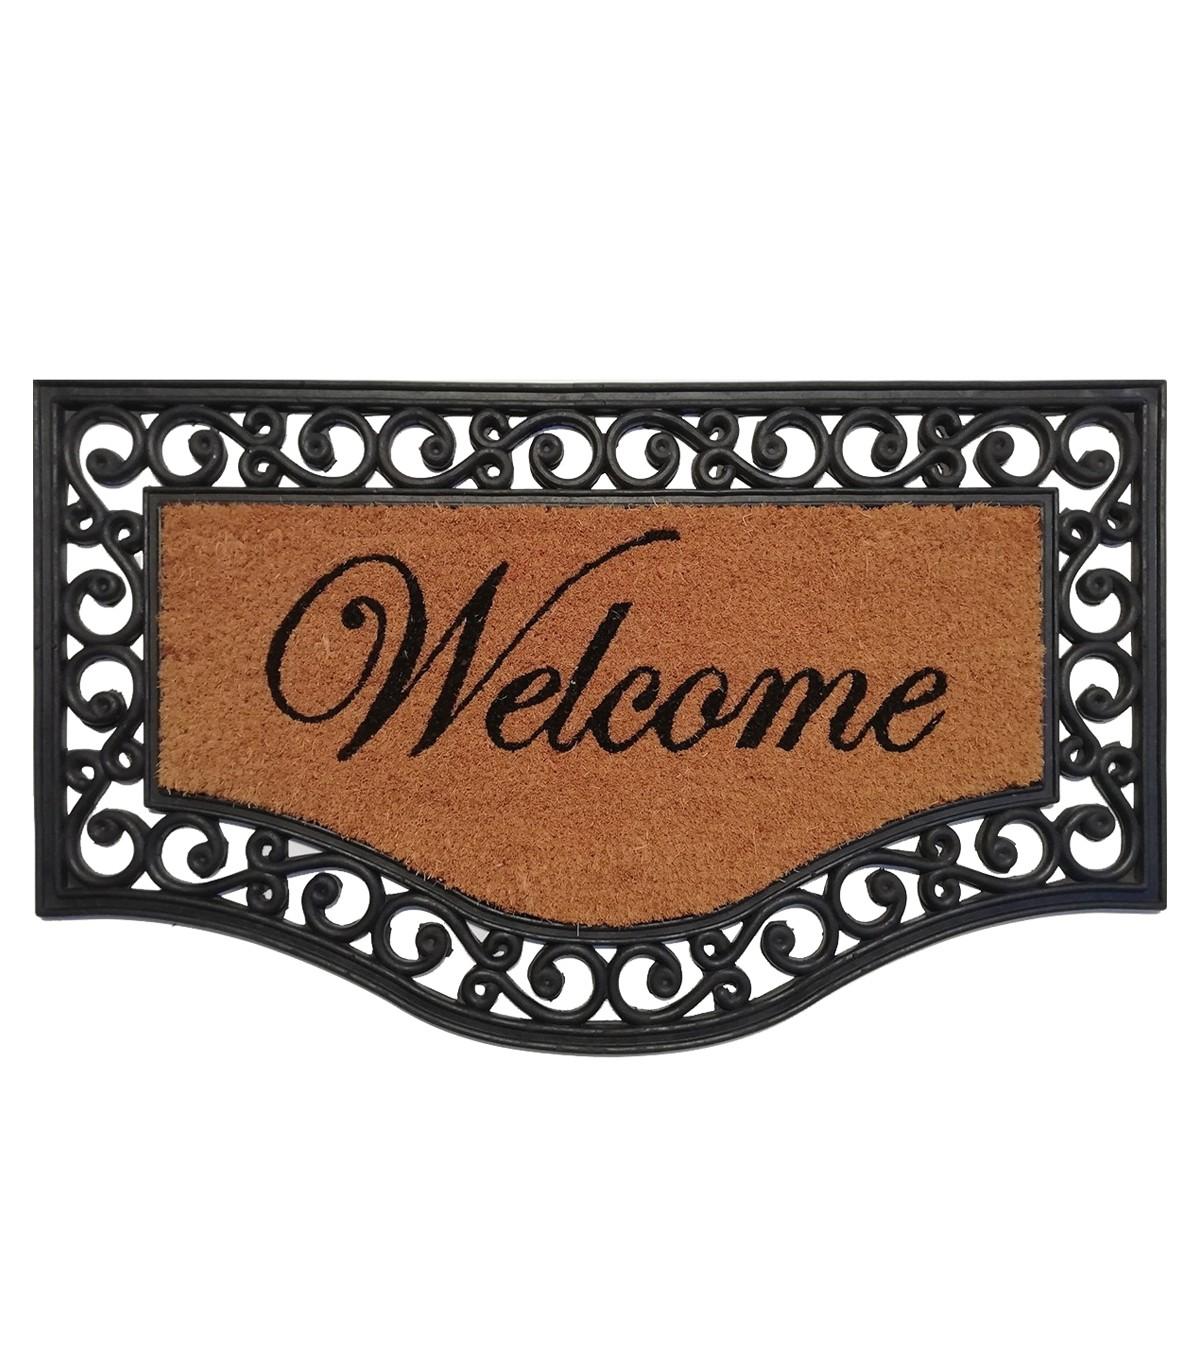 Paillasson arabesque Welcome 45x75cm - Noir